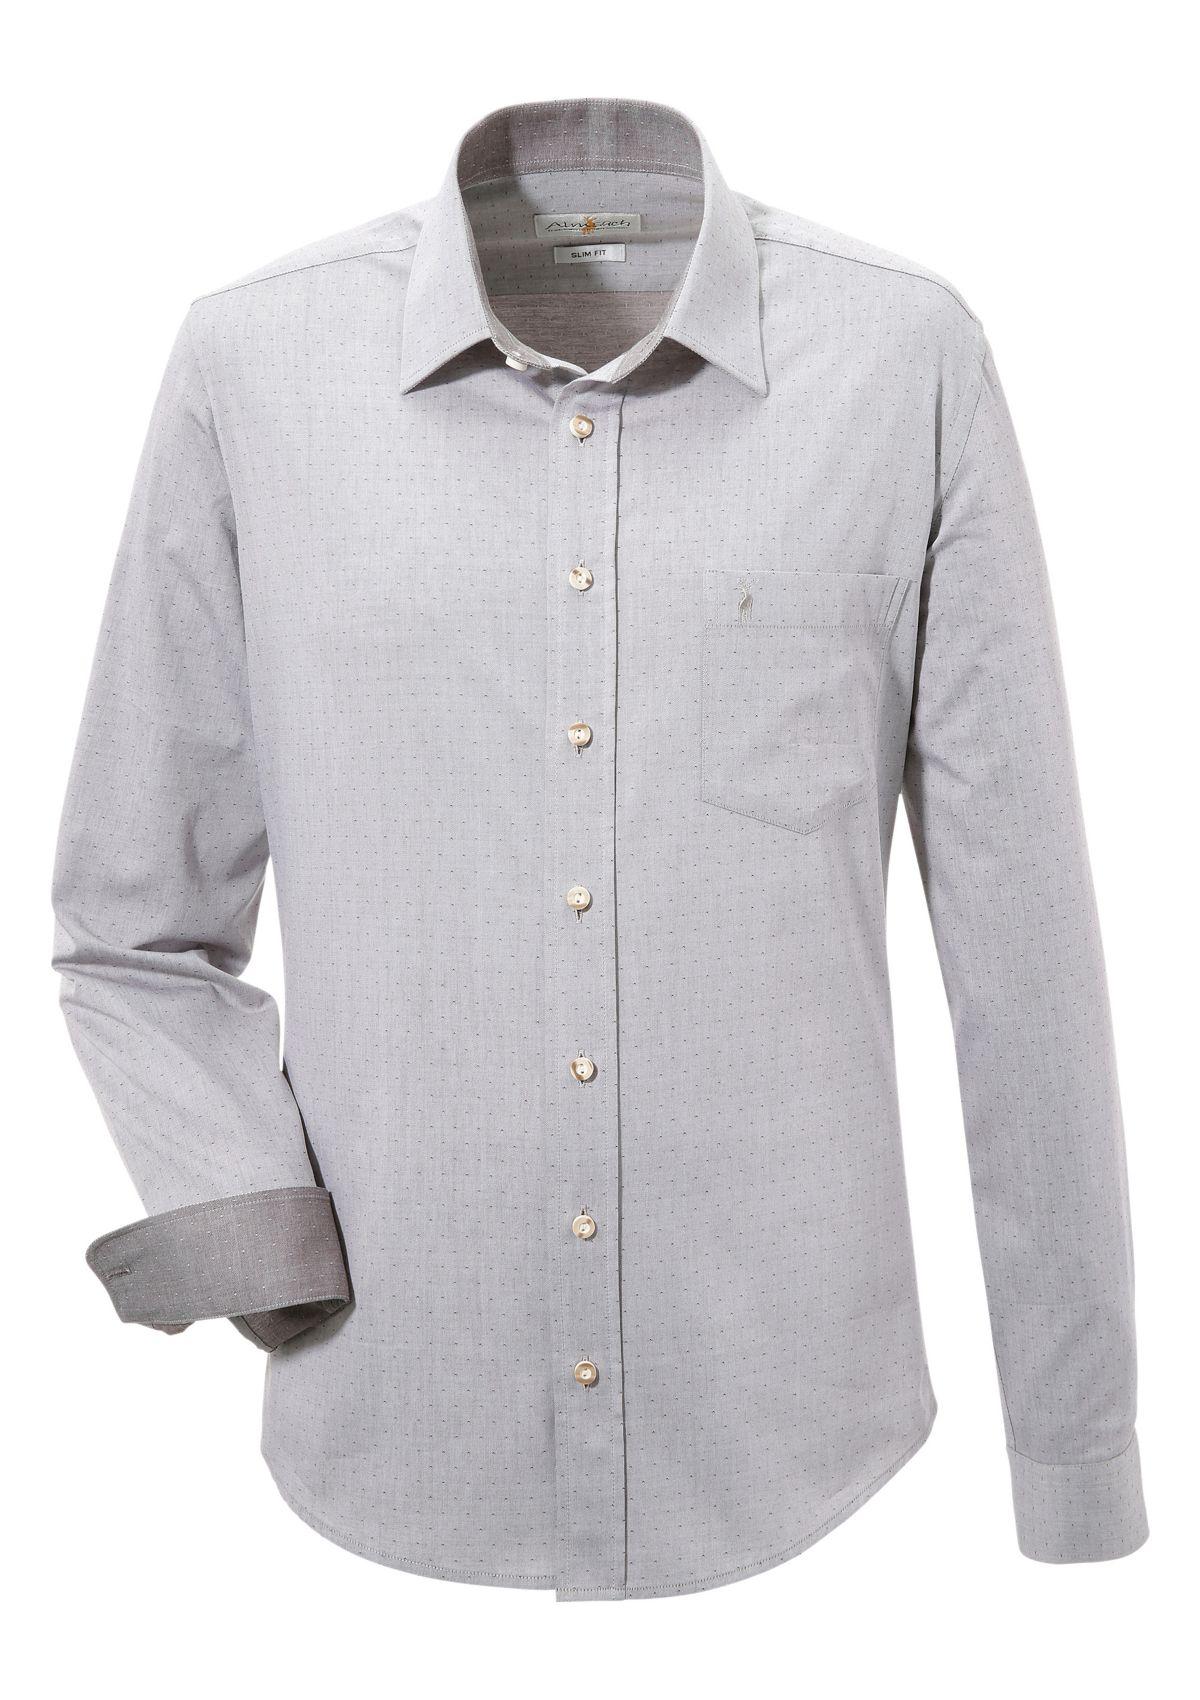 Almsach Trachtenhemd mit modischem Design